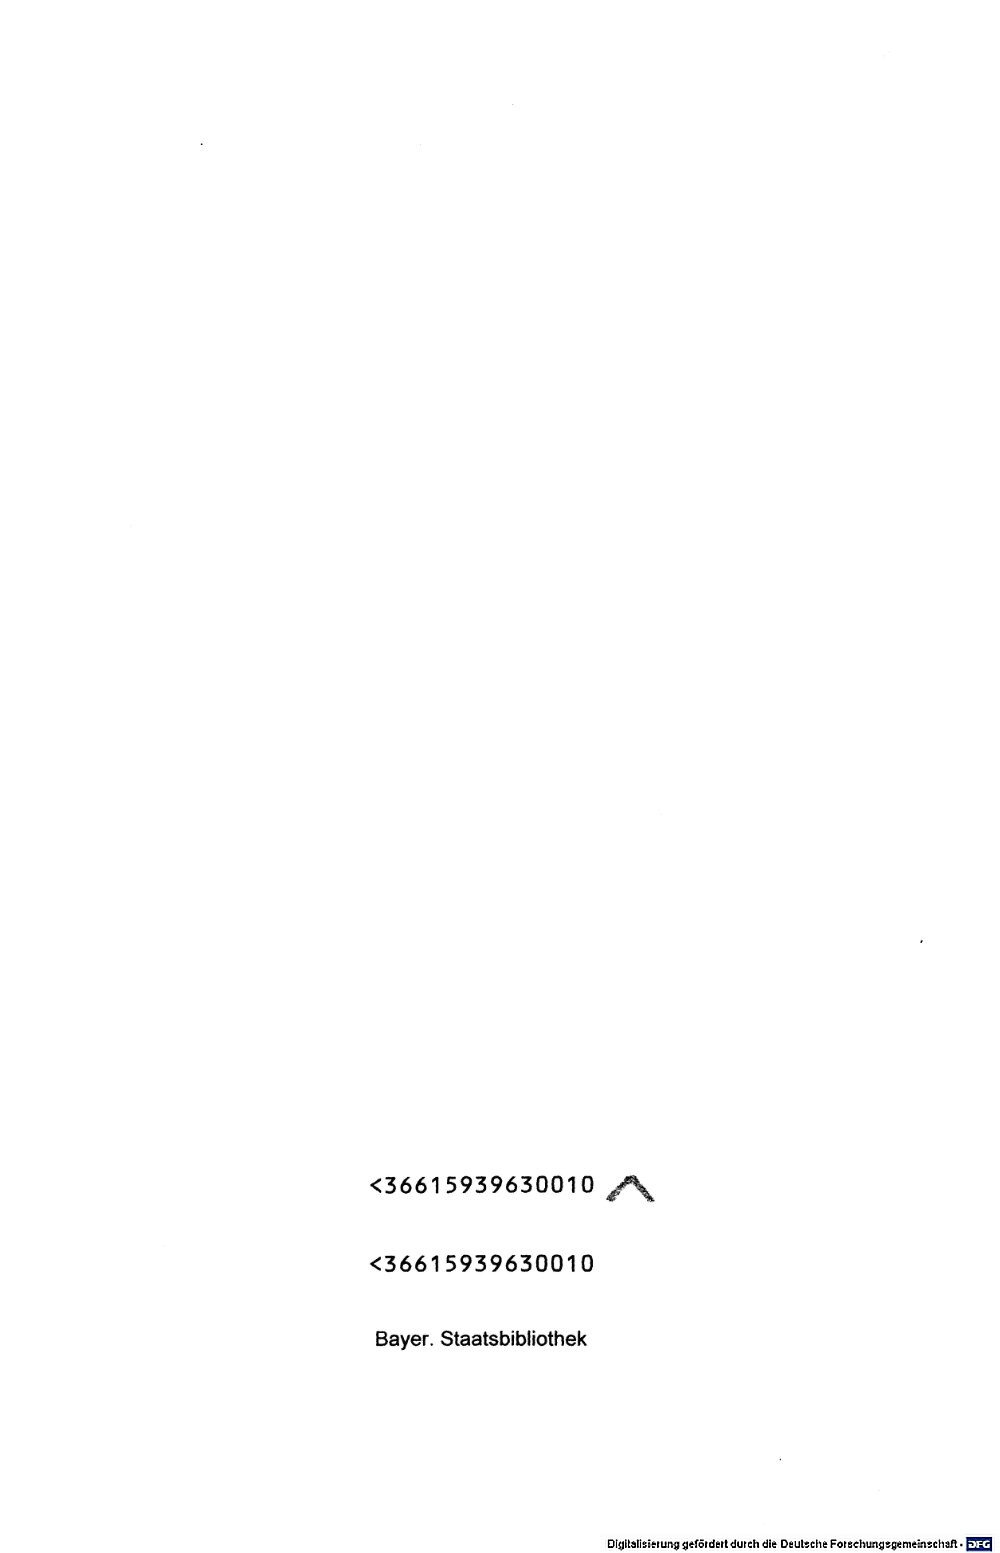 bsb00001180_00001.jpg